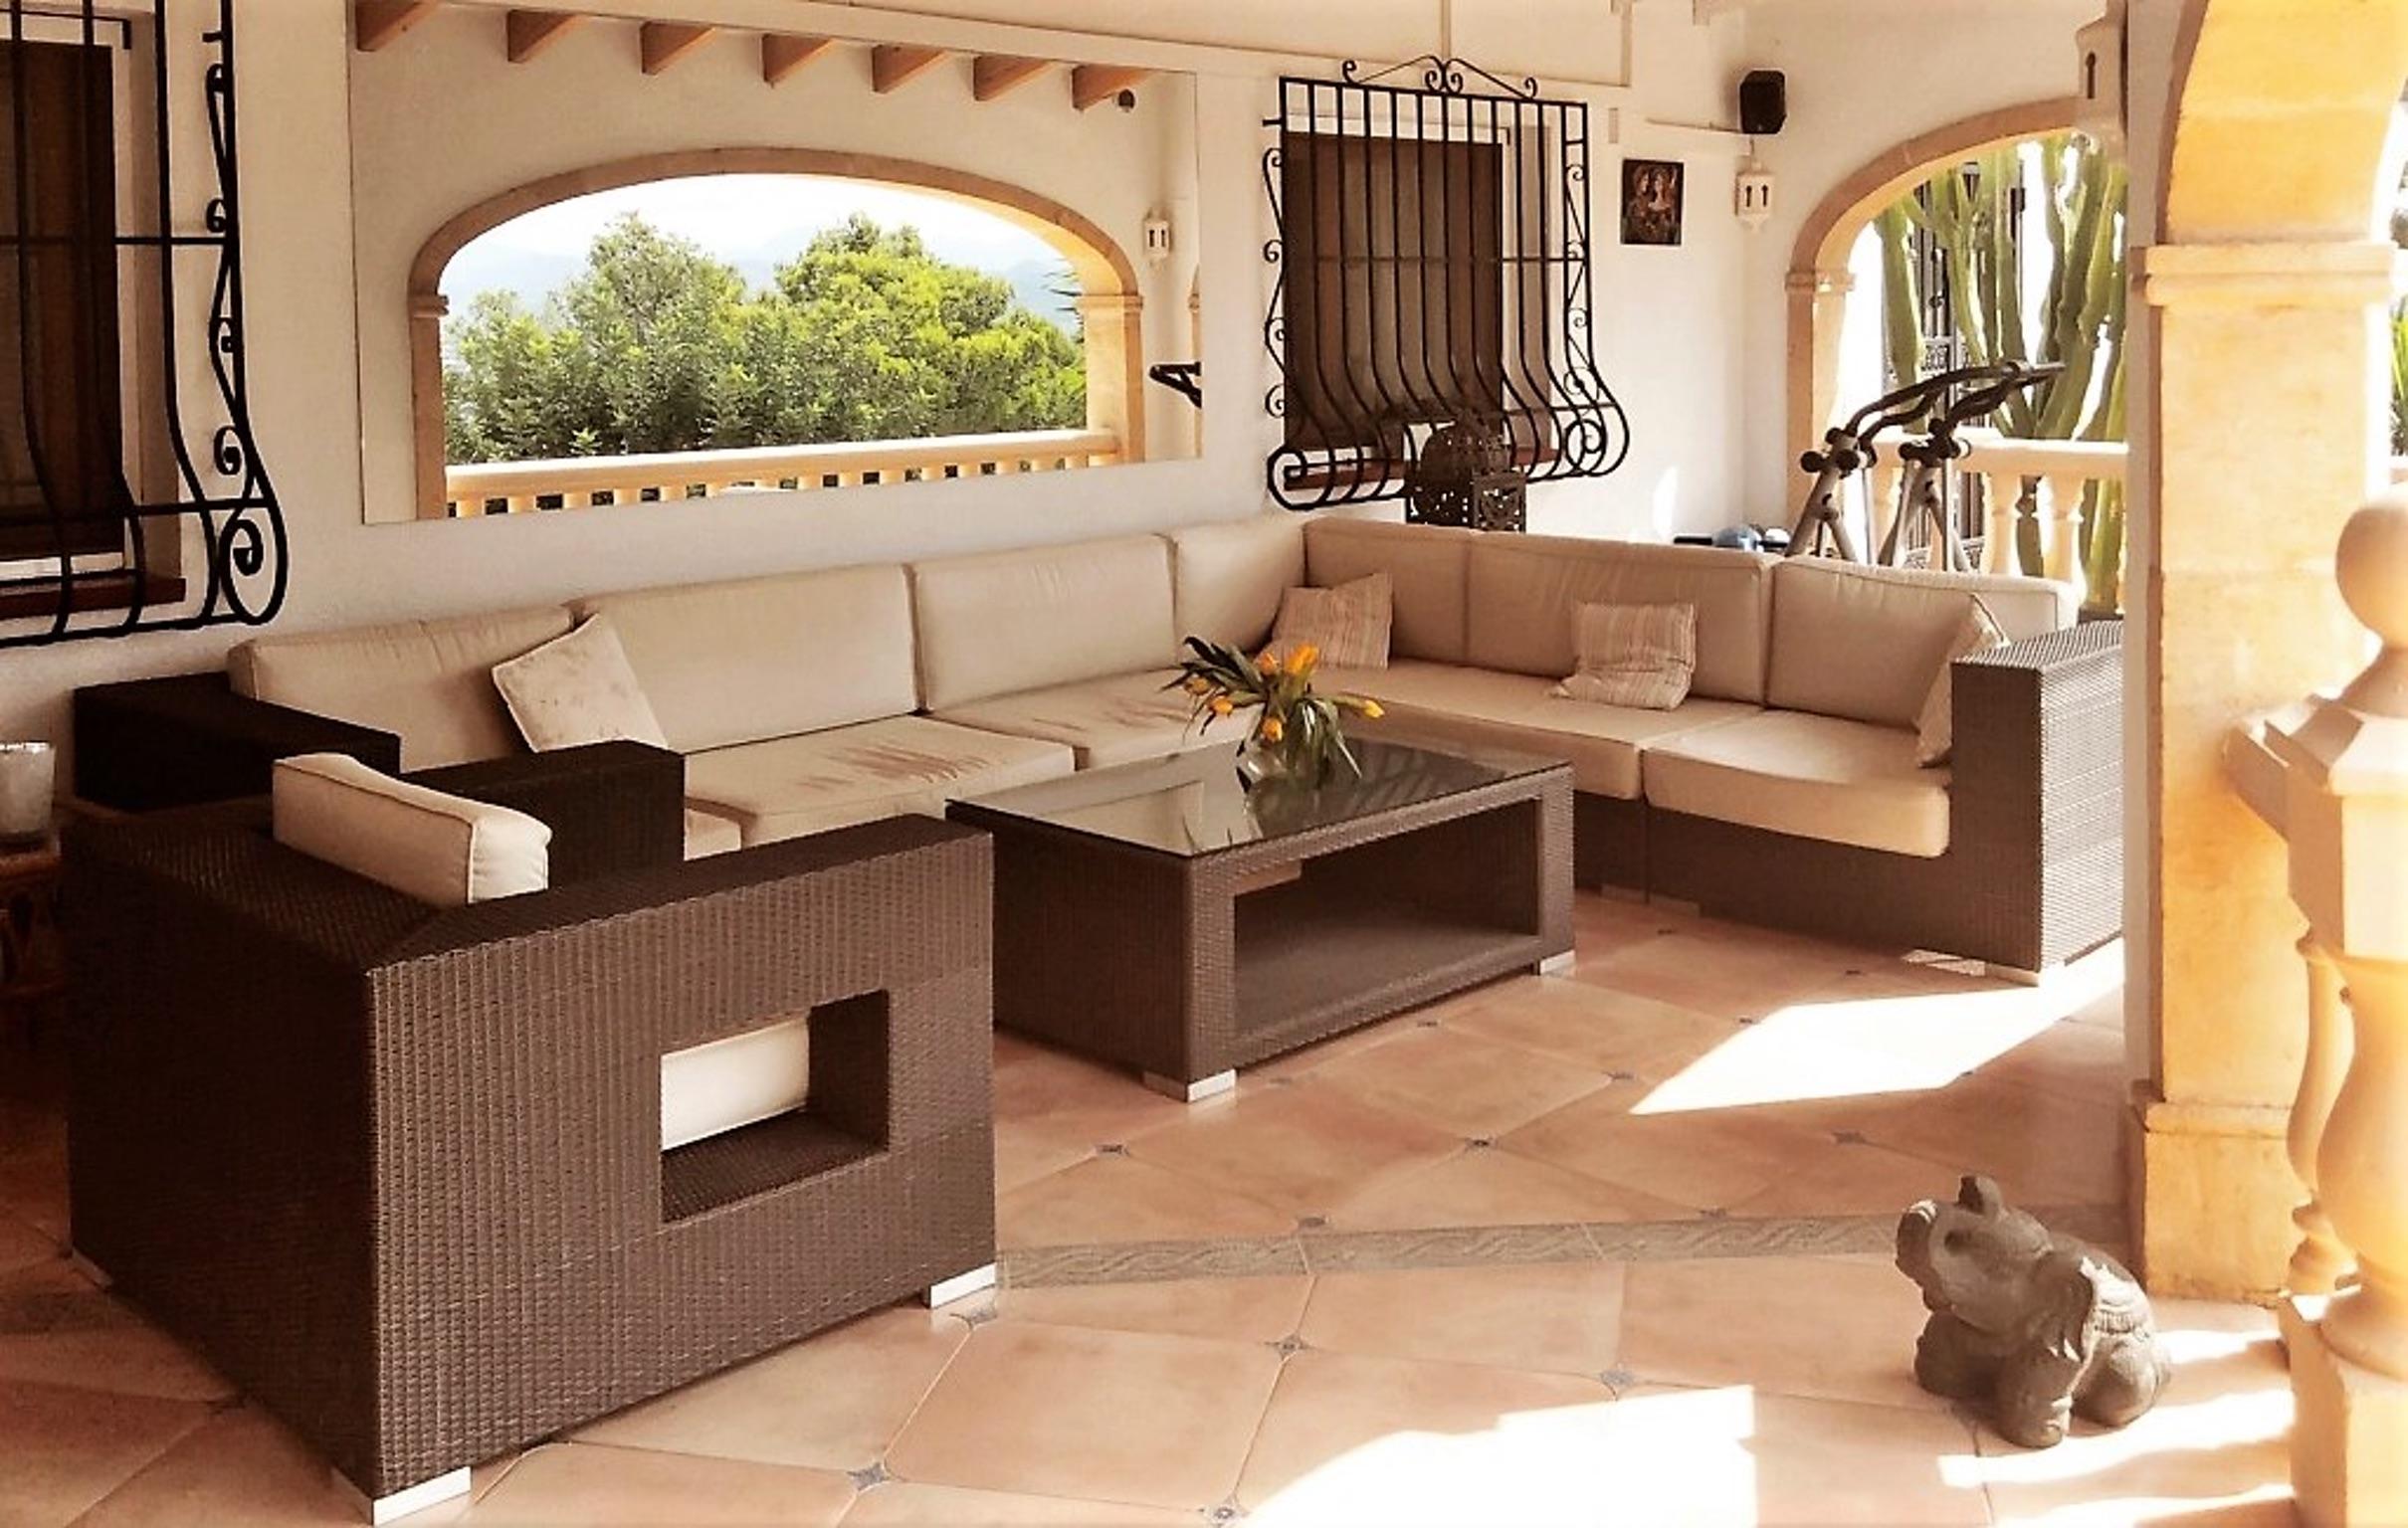 Ferienhaus Geräumige Villa mit fünf Schlafzimmer in Javea mit möblierter Terrasse, Pool und toller Au (2201168), Jávea, Costa Blanca, Valencia, Spanien, Bild 2